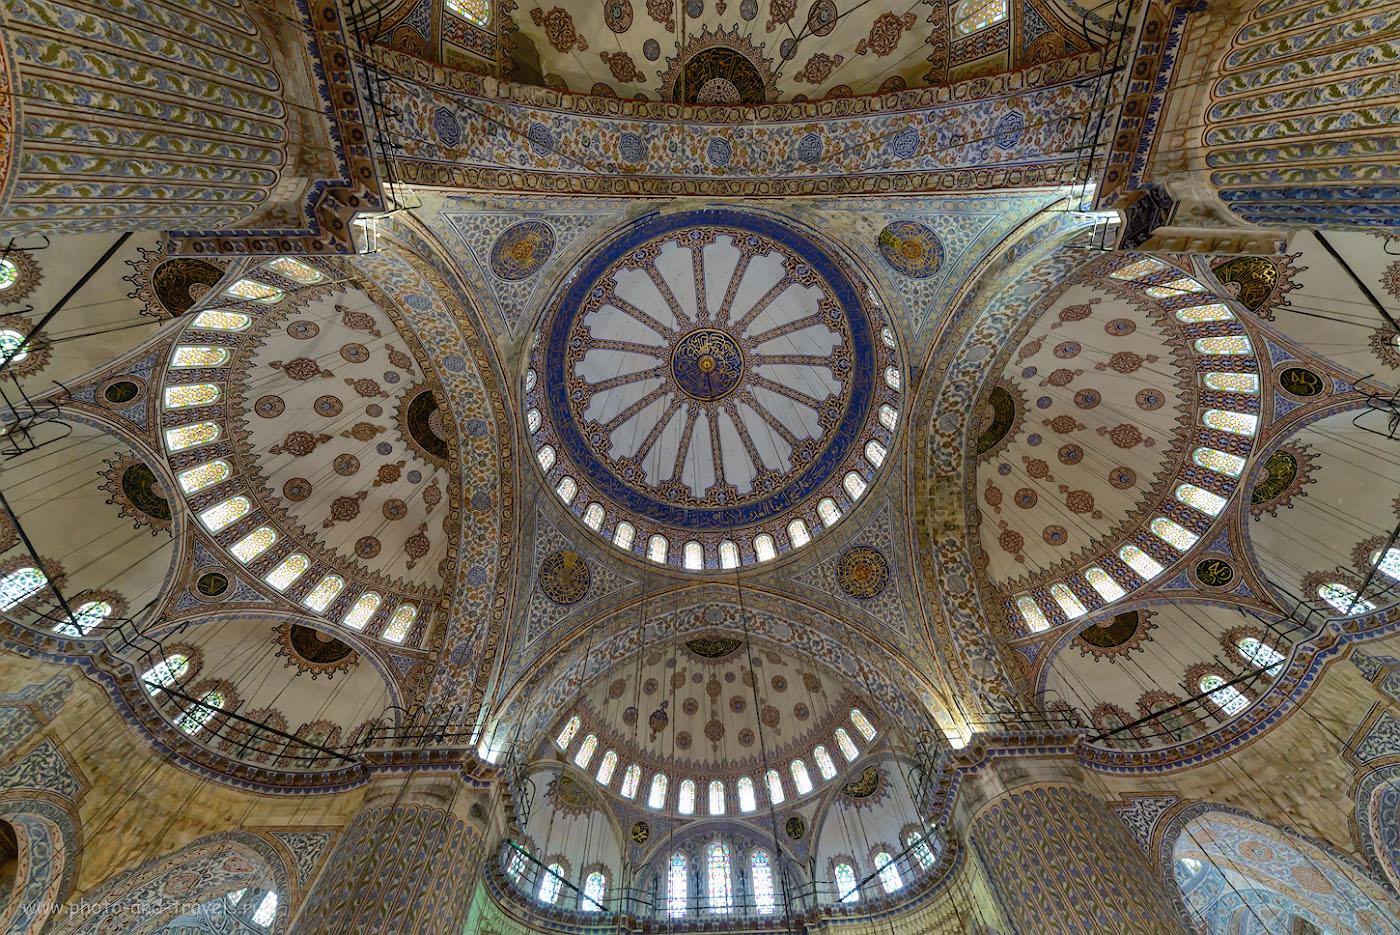 Фотография 6. Купол Голубой мечети в Стамбуле. Отзывы об отдыхе в Турции. 1/20, 8.0, 2500, 14.